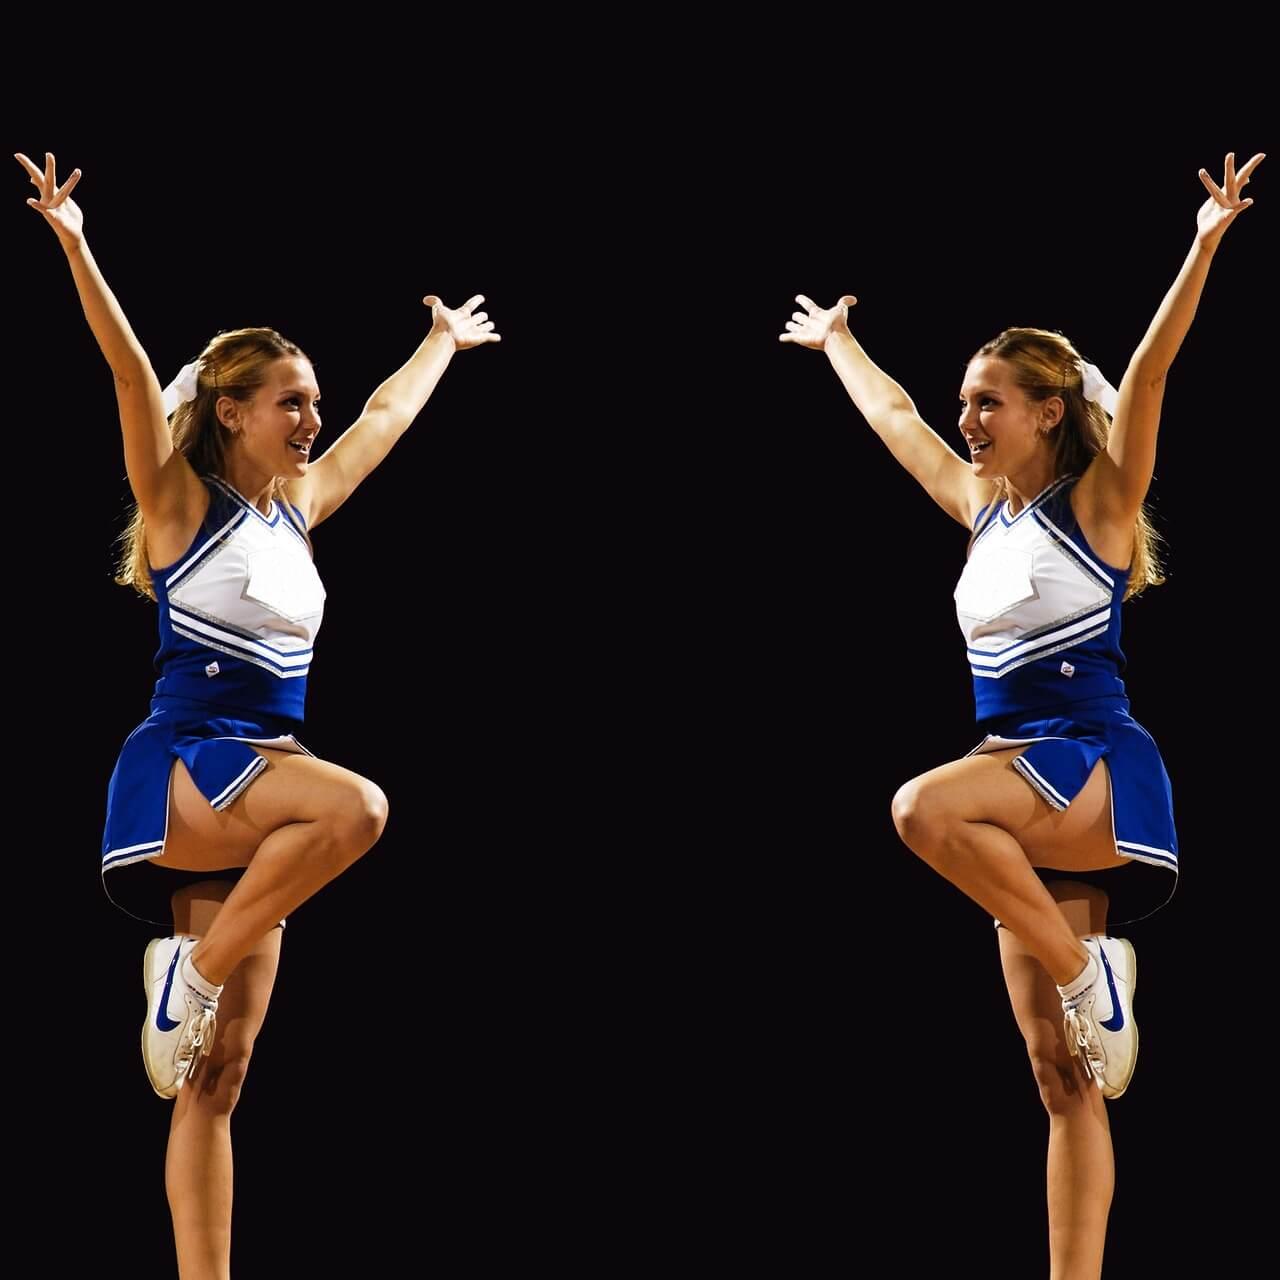 Cheerleaders 1562734 1280